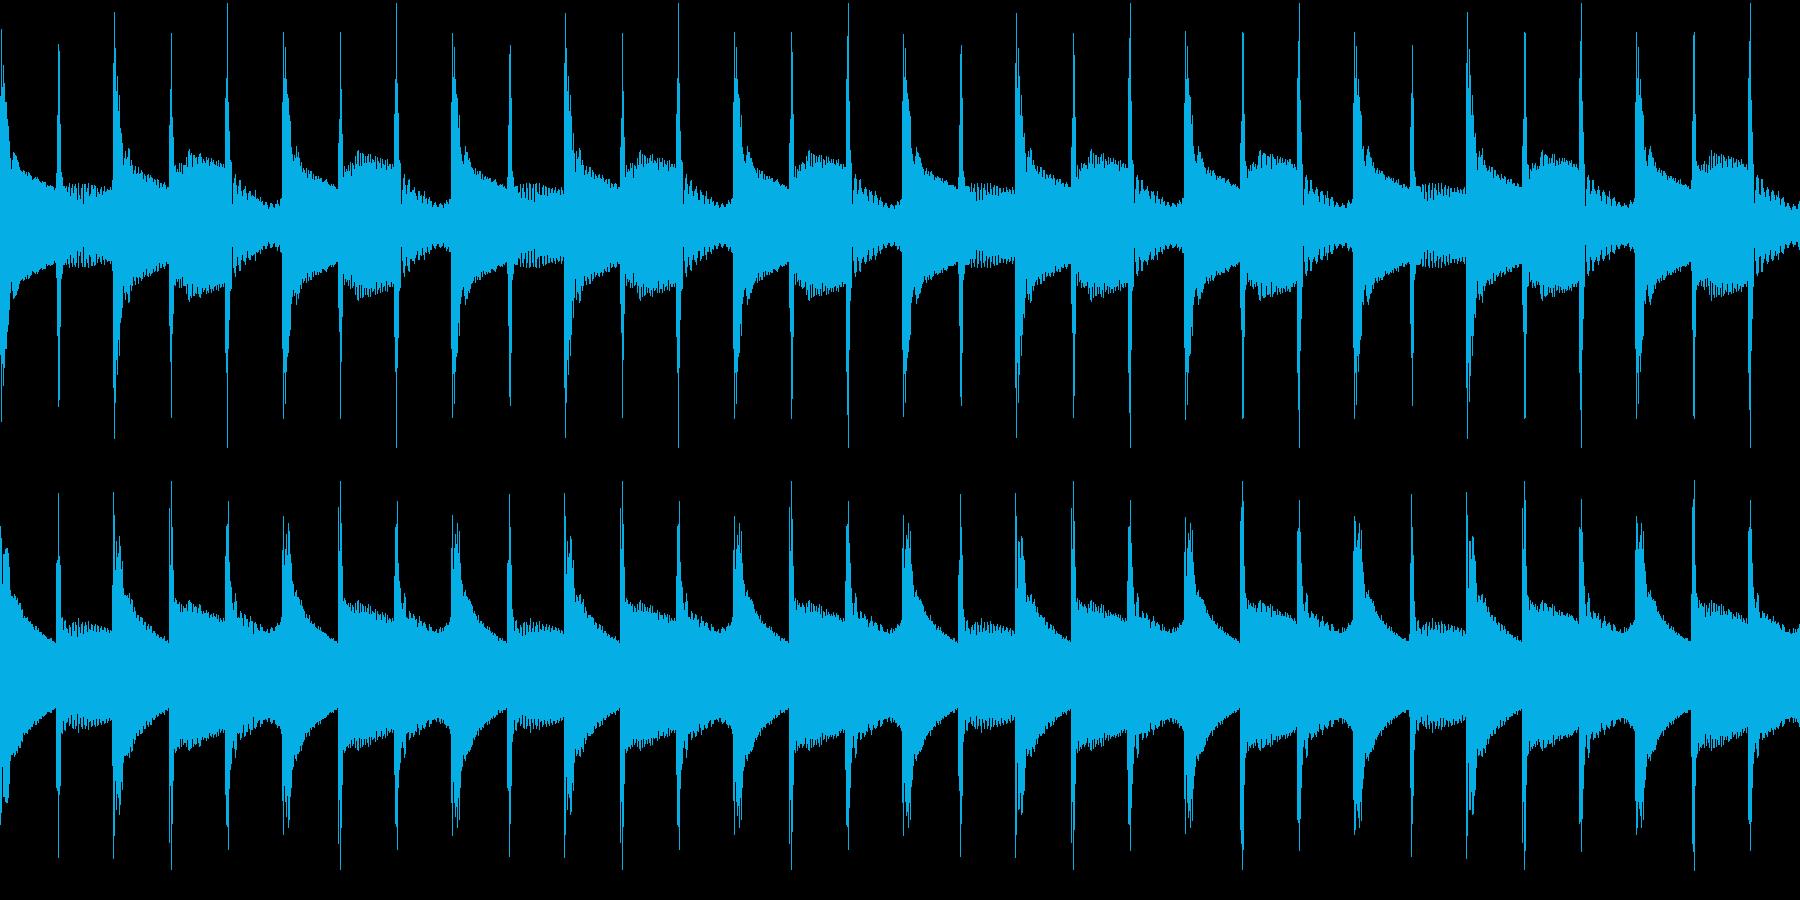 シンプル ベル 着信音 チャイム ループの再生済みの波形